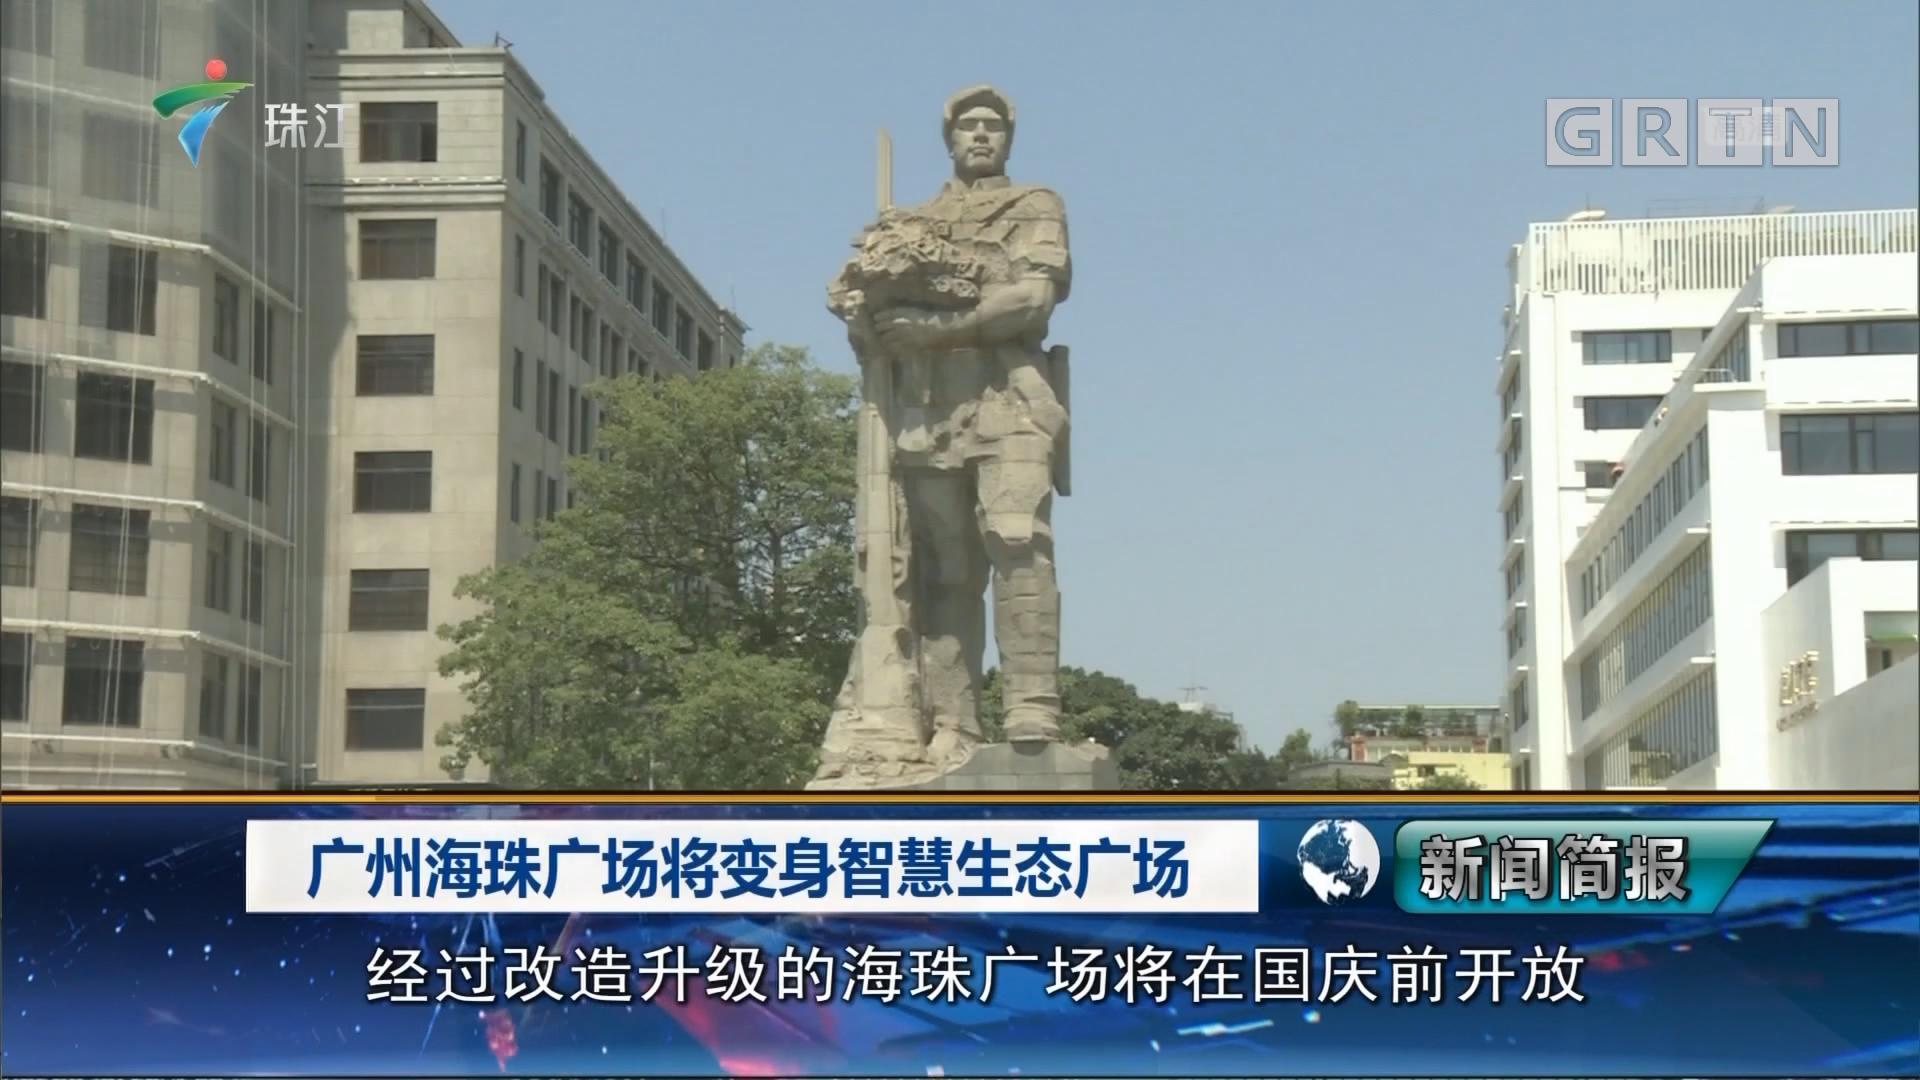 广州海珠广场将变身智慧生态广场